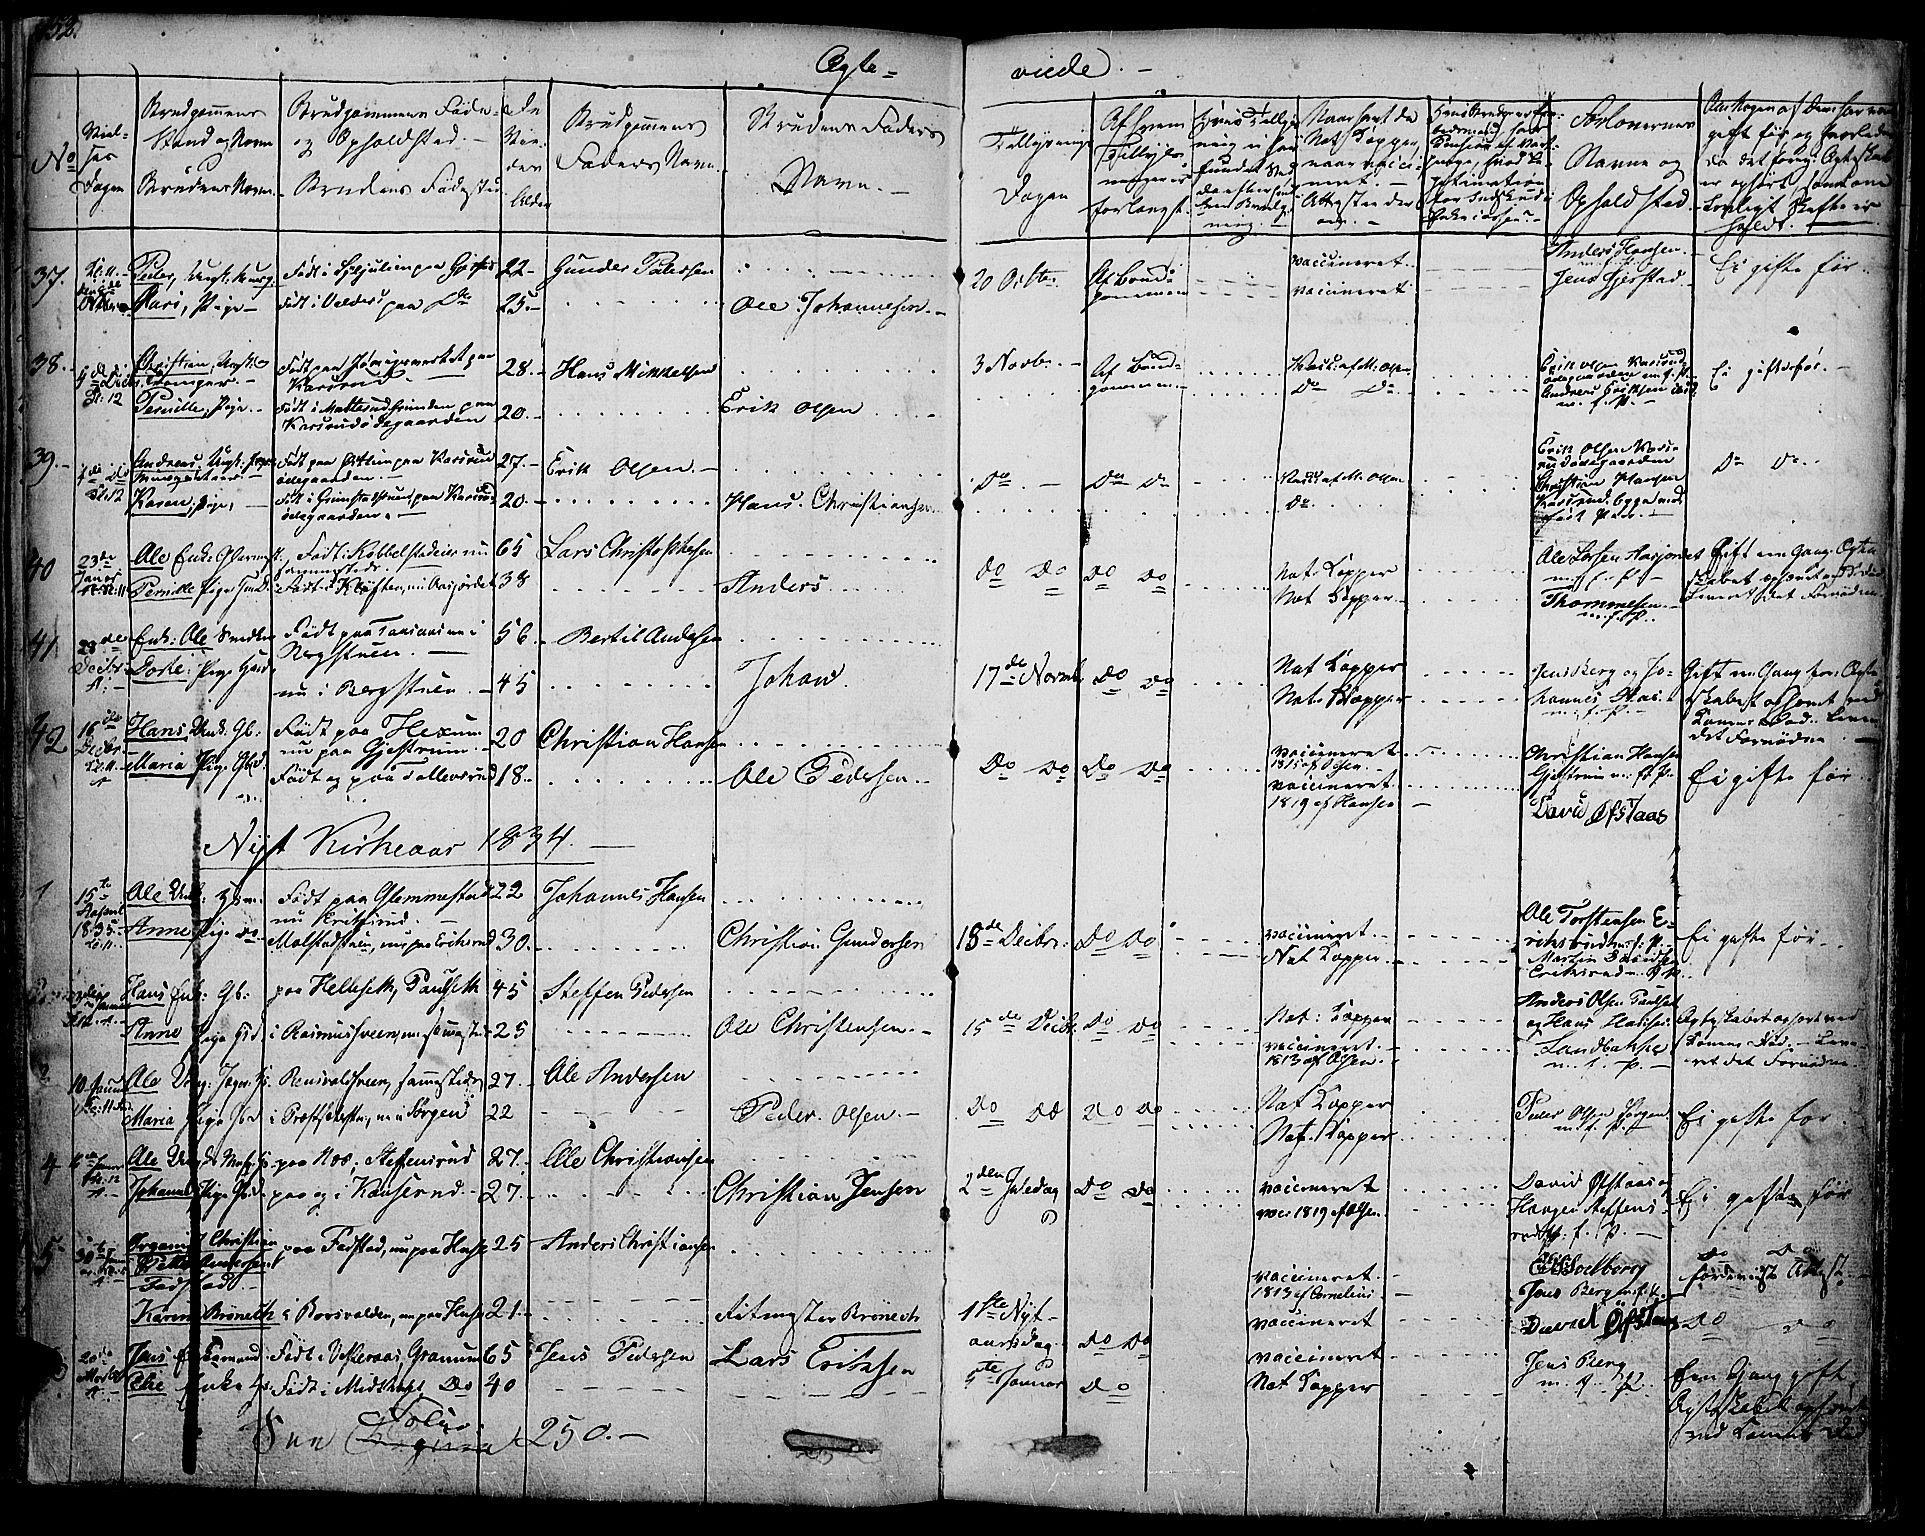 SAH, Vestre Toten prestekontor, Ministerialbok nr. 2, 1825-1837, s. 152